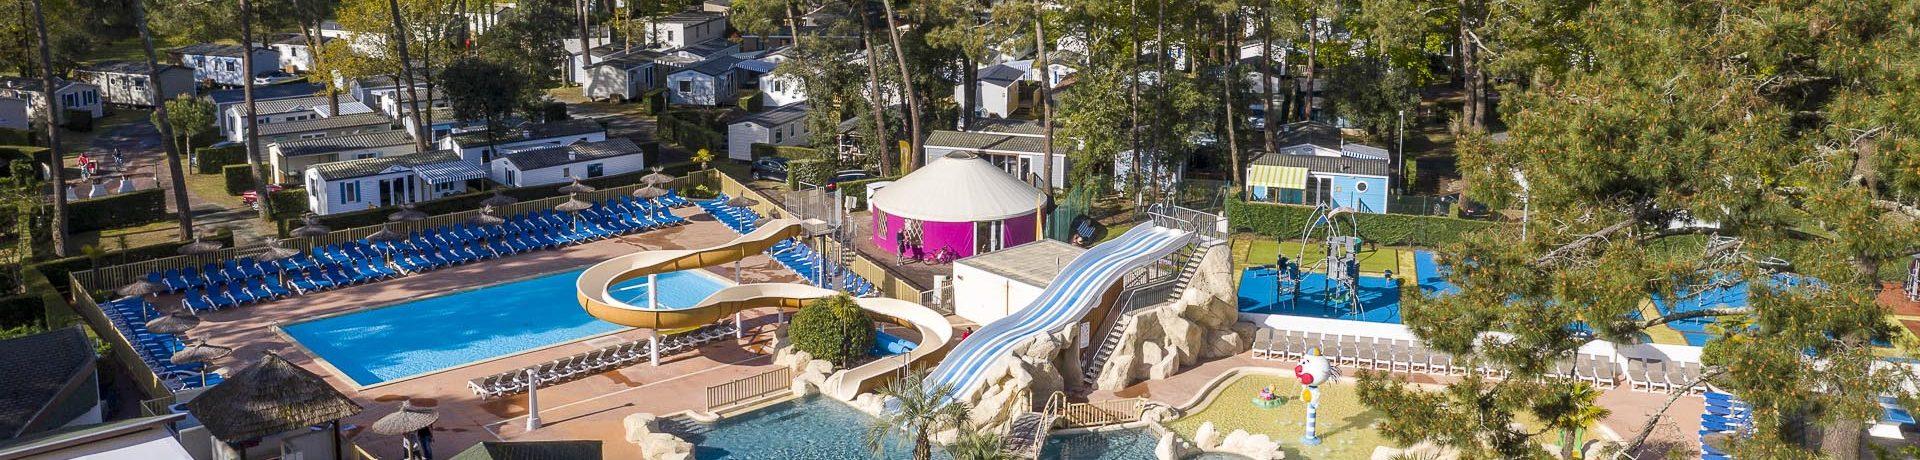 Mooie 4 sterren camping met aquapark en waterglijbanen op slechts 4 km van de Atlantische Oceaan gelegen in de Charente-Maritime.